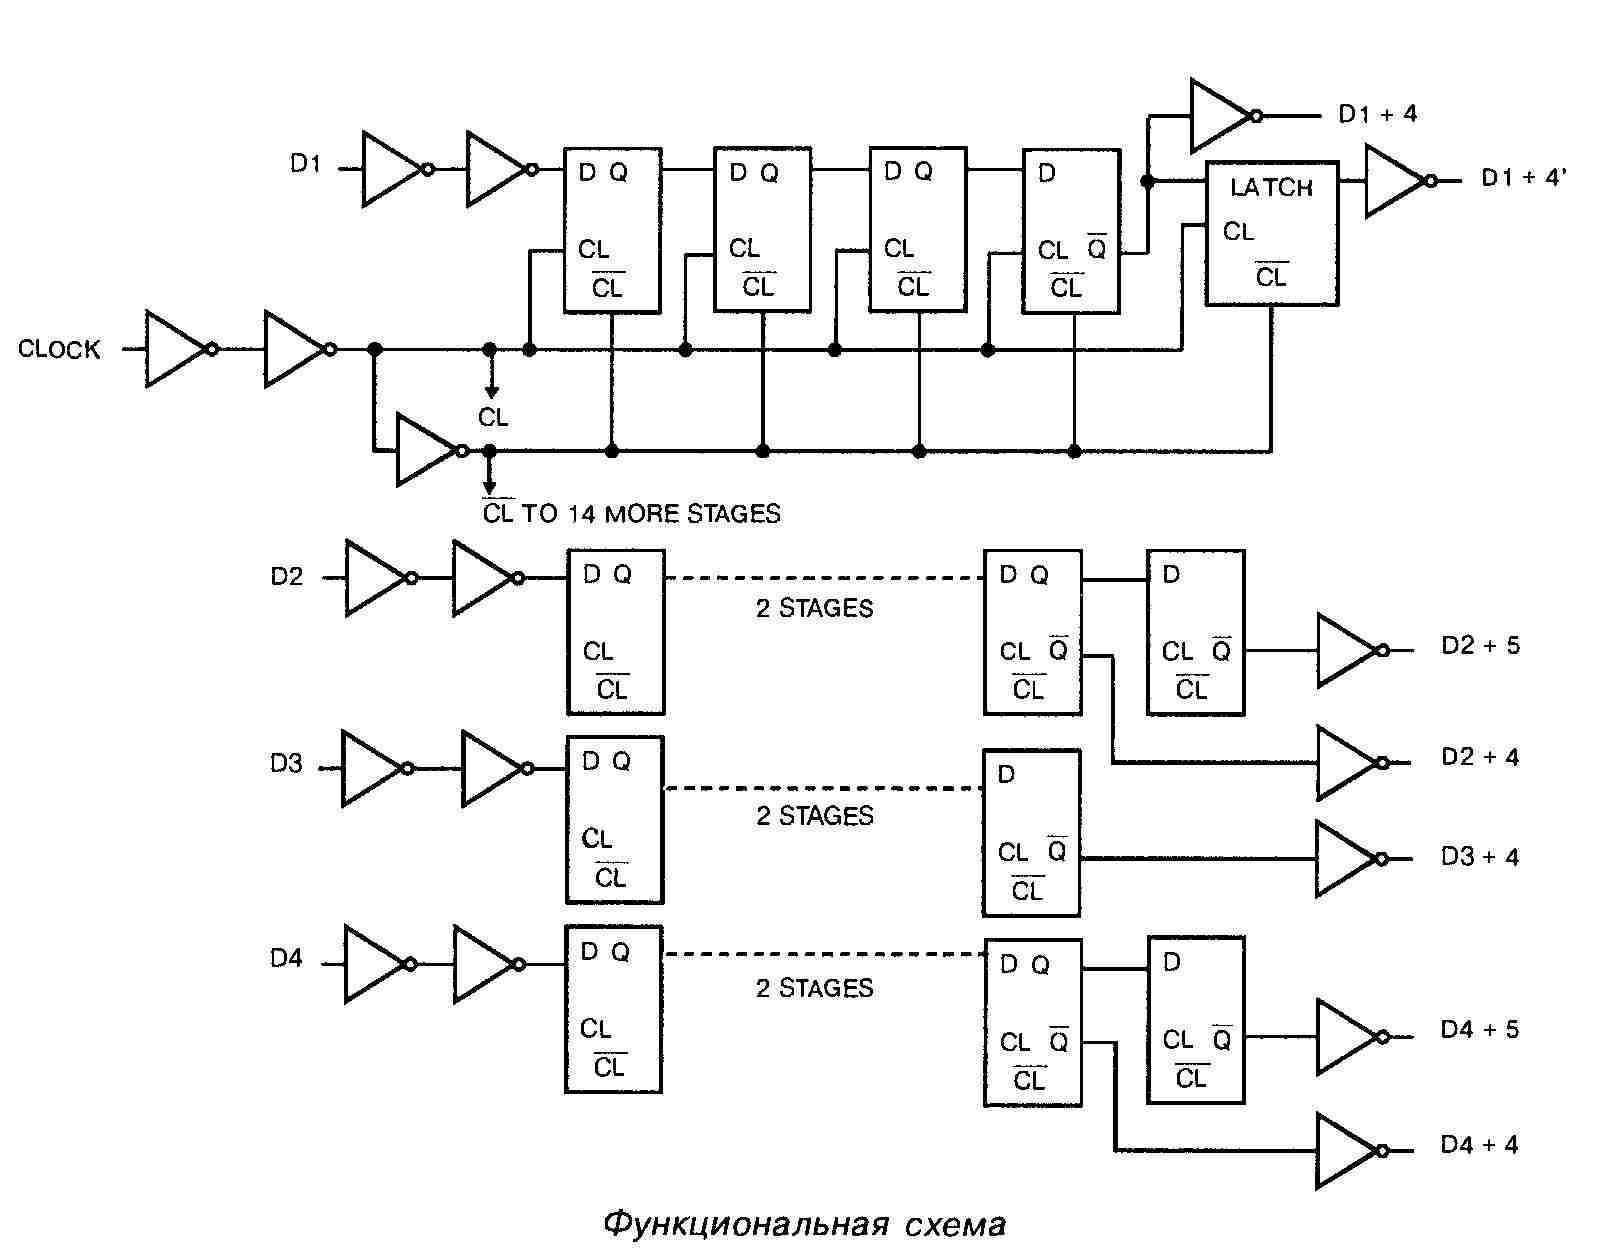 4006 - функциональная схема